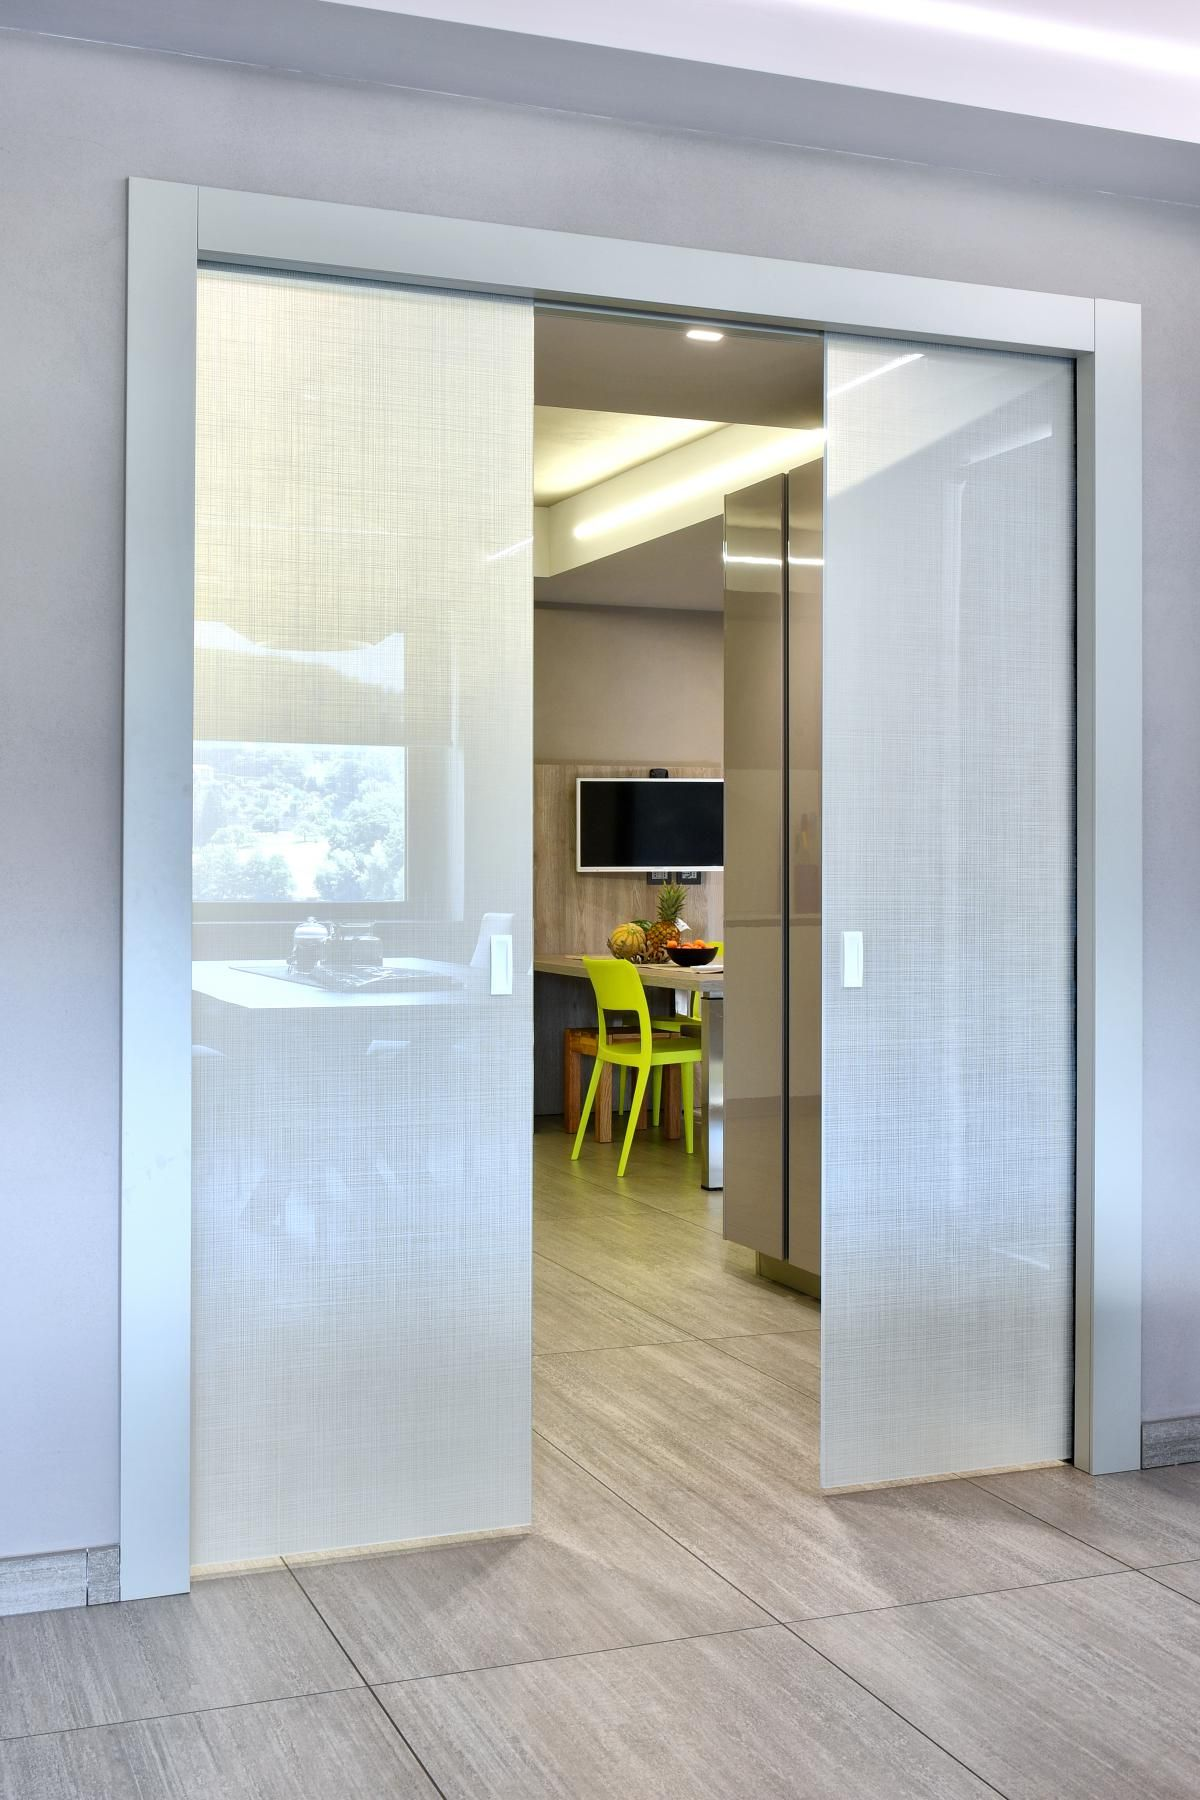 Porte Doppie Scorrevoli Vetro la porta a doppia anta del progetto realizzato da cantonetti